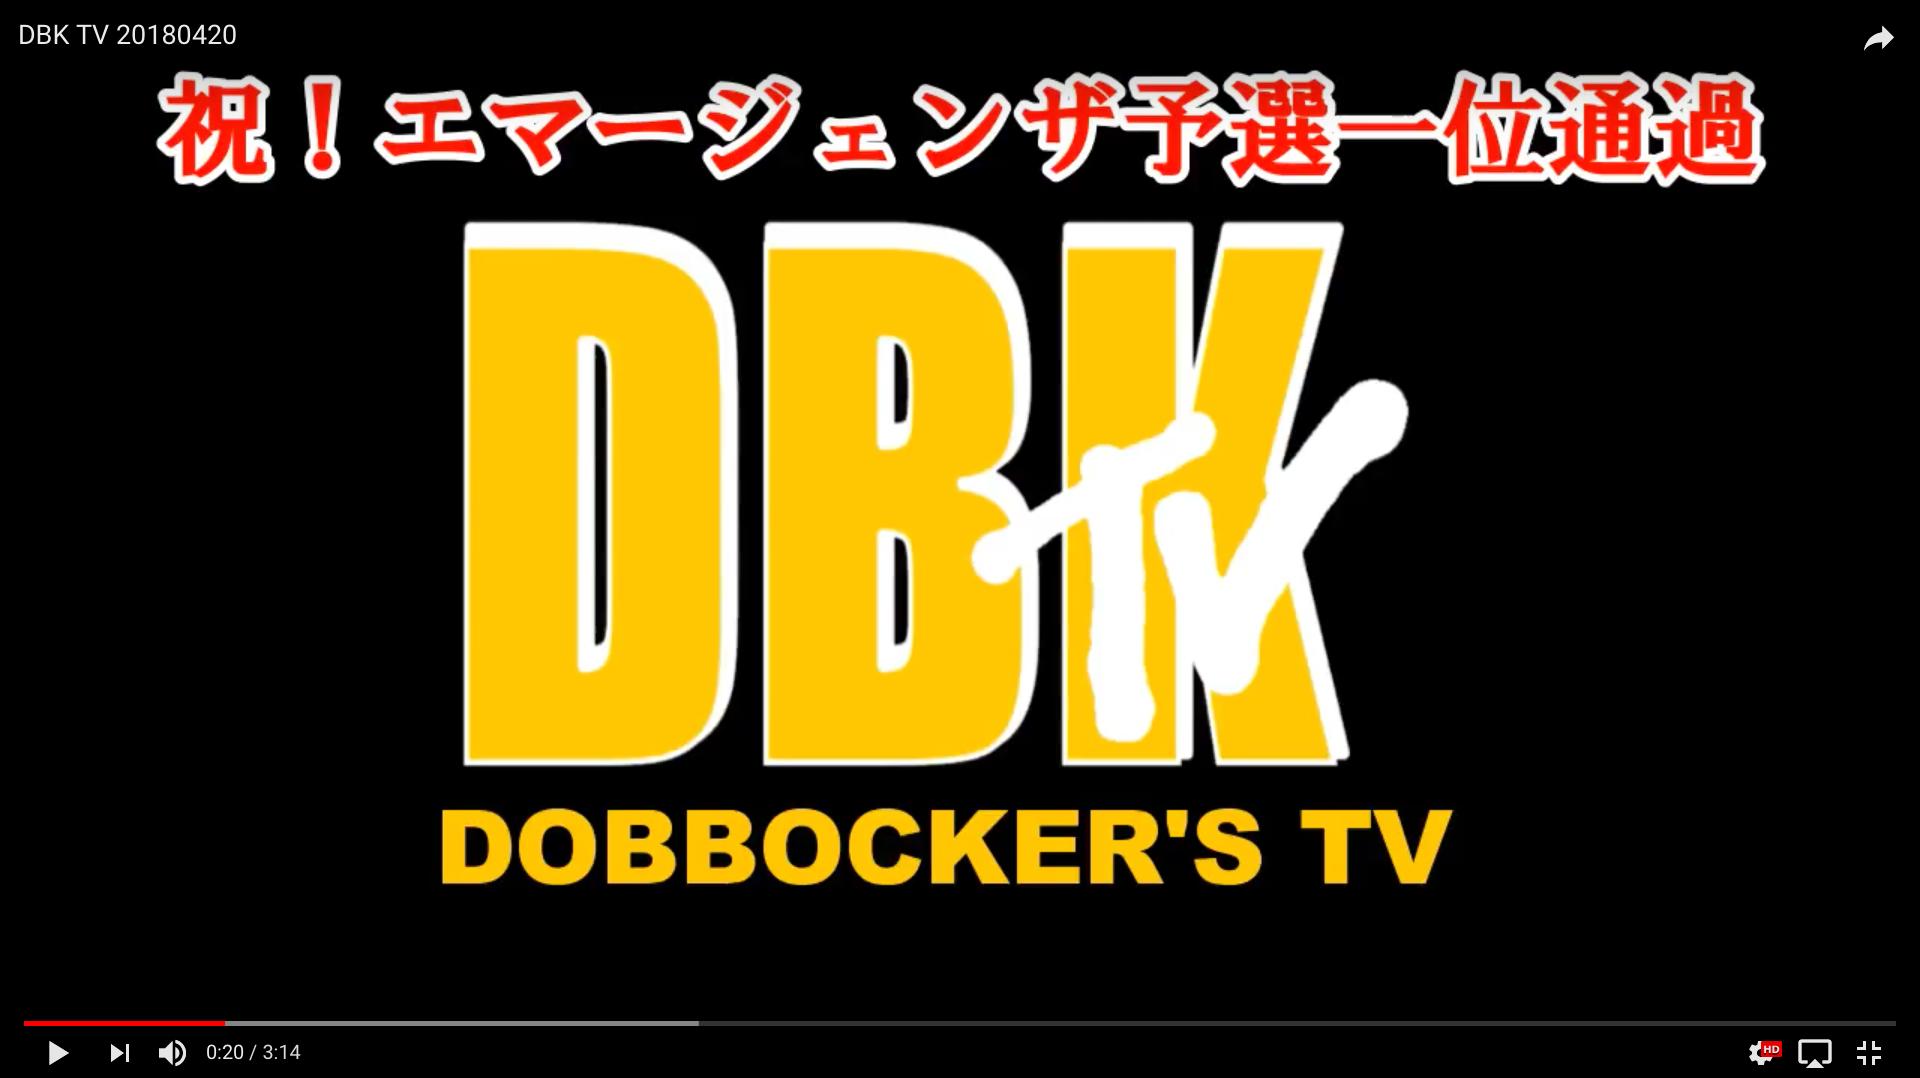 DBK TV (ドボッカーズTV) #3